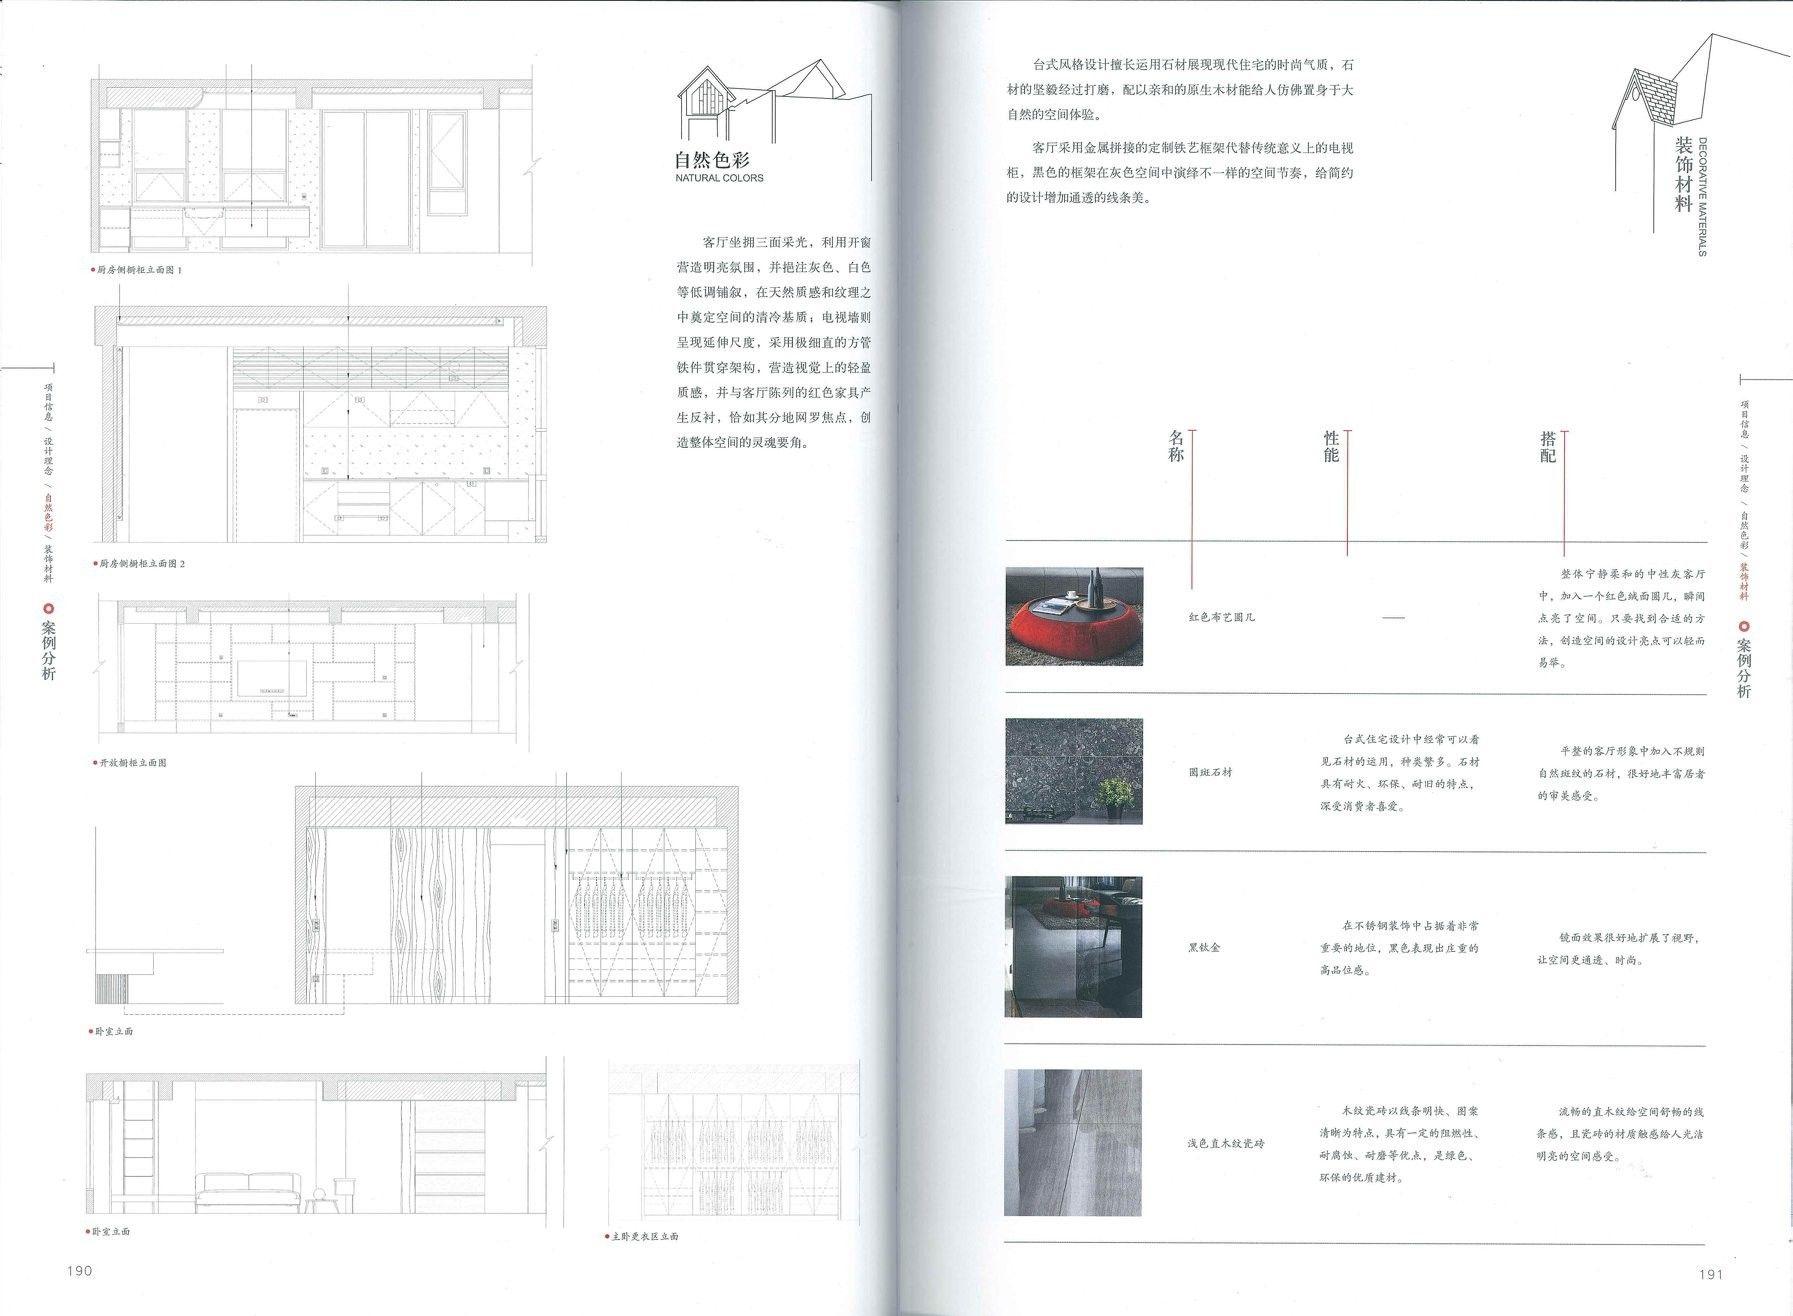 深圳視界出版社-宅在台灣-分子室內裝修設計作品-Straighten Up and Fly Right-3